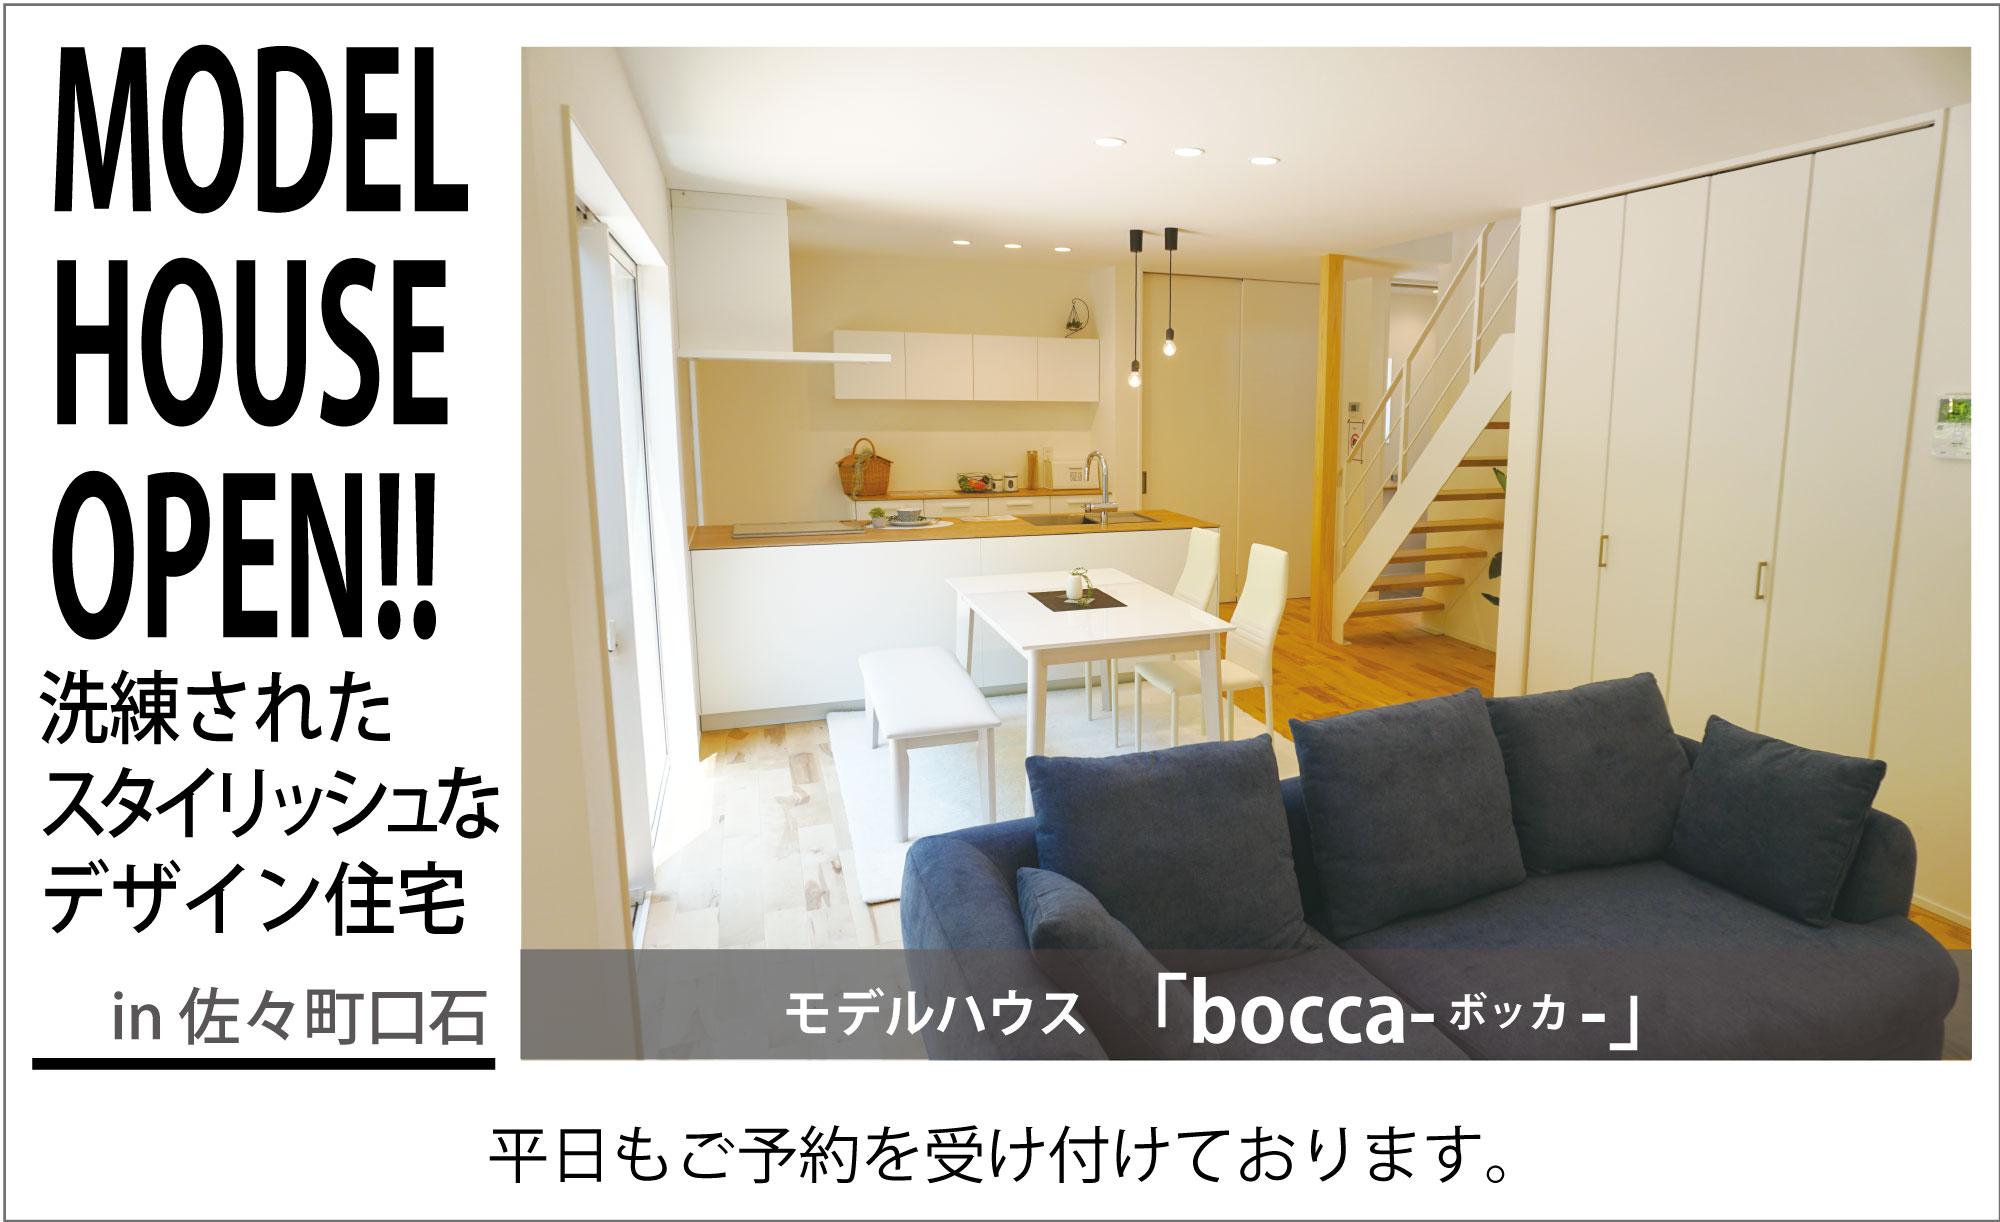 hp-bocca-yoyakukenngaku_2.jpg